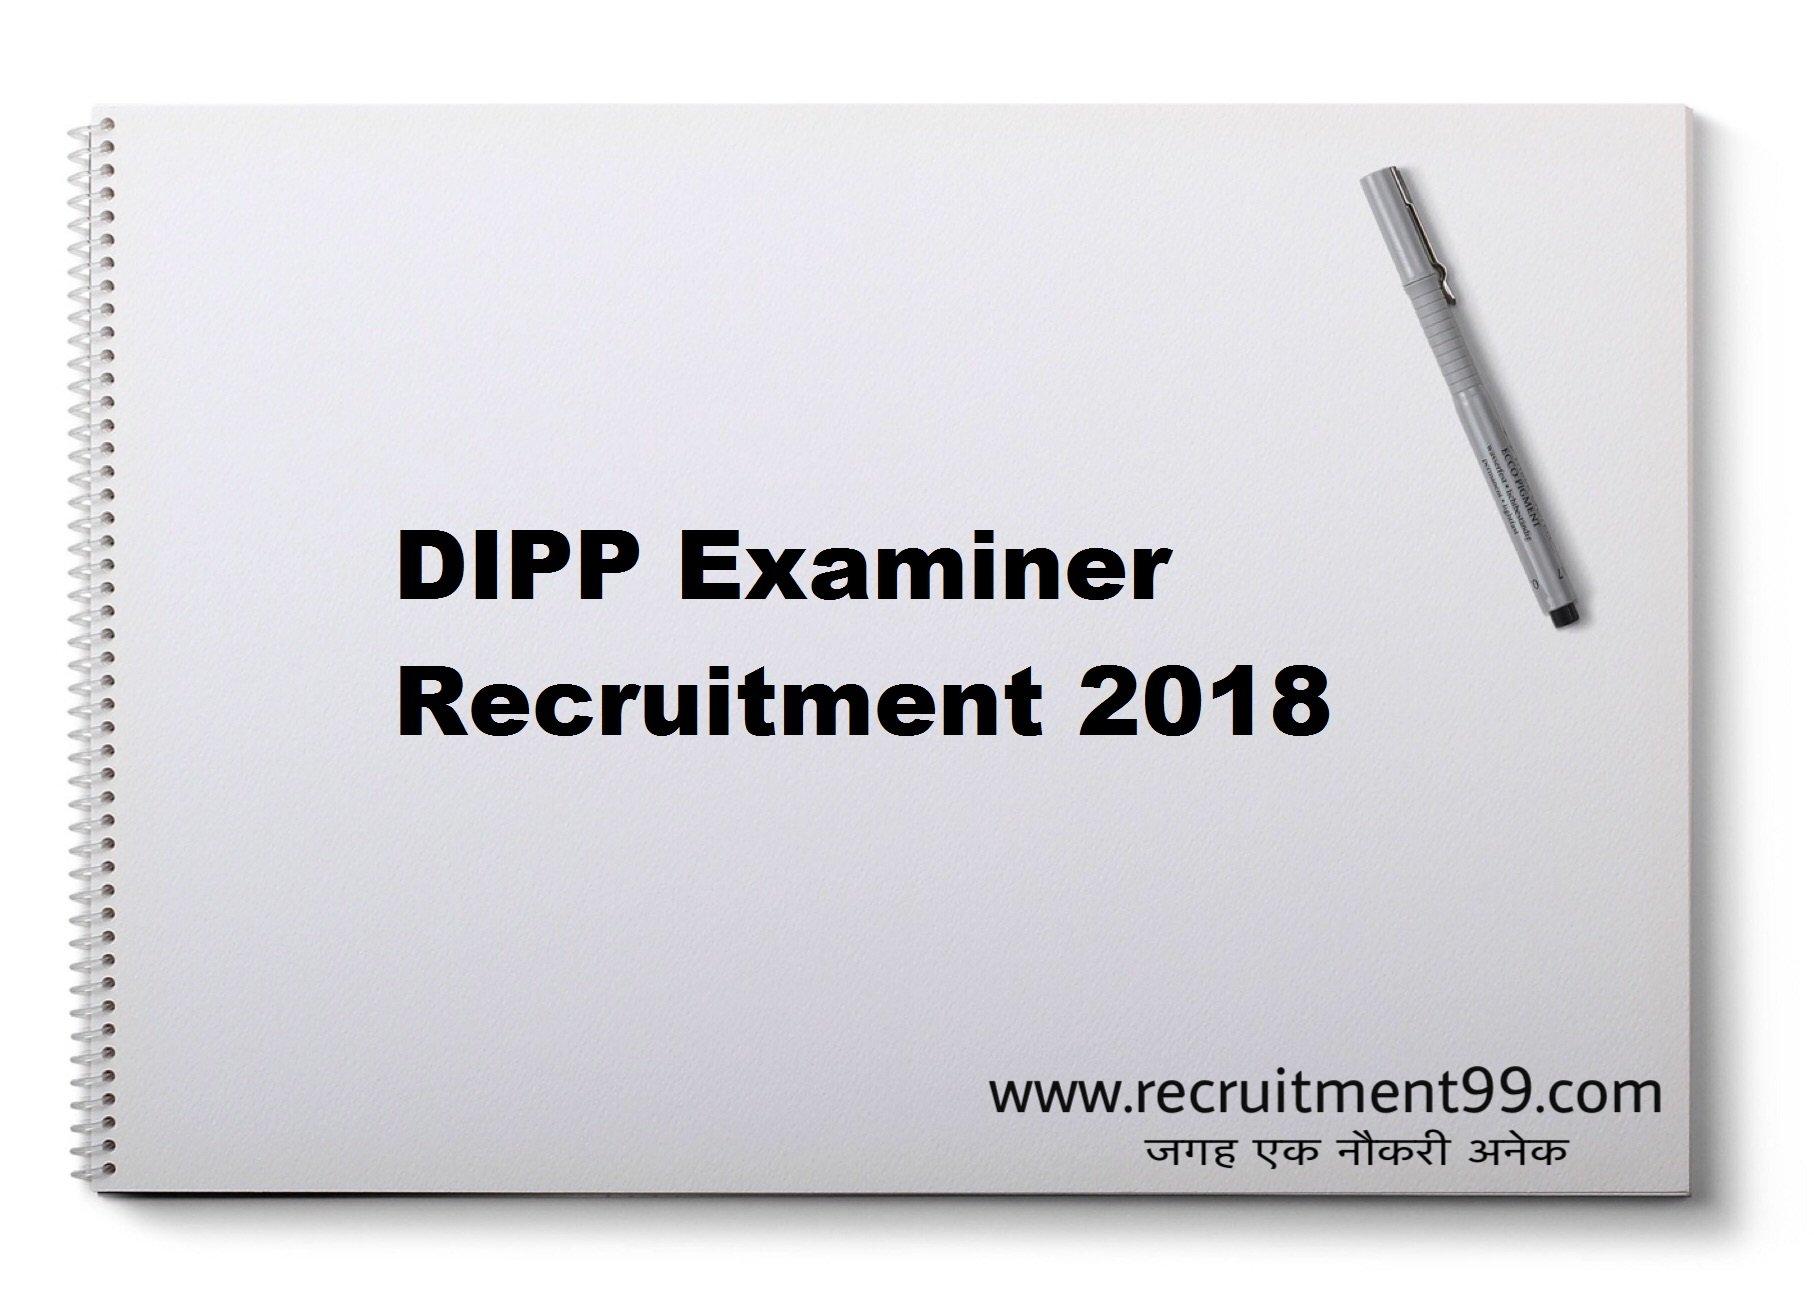 DIPP Examiner Recruitment Admit Card Result 2018